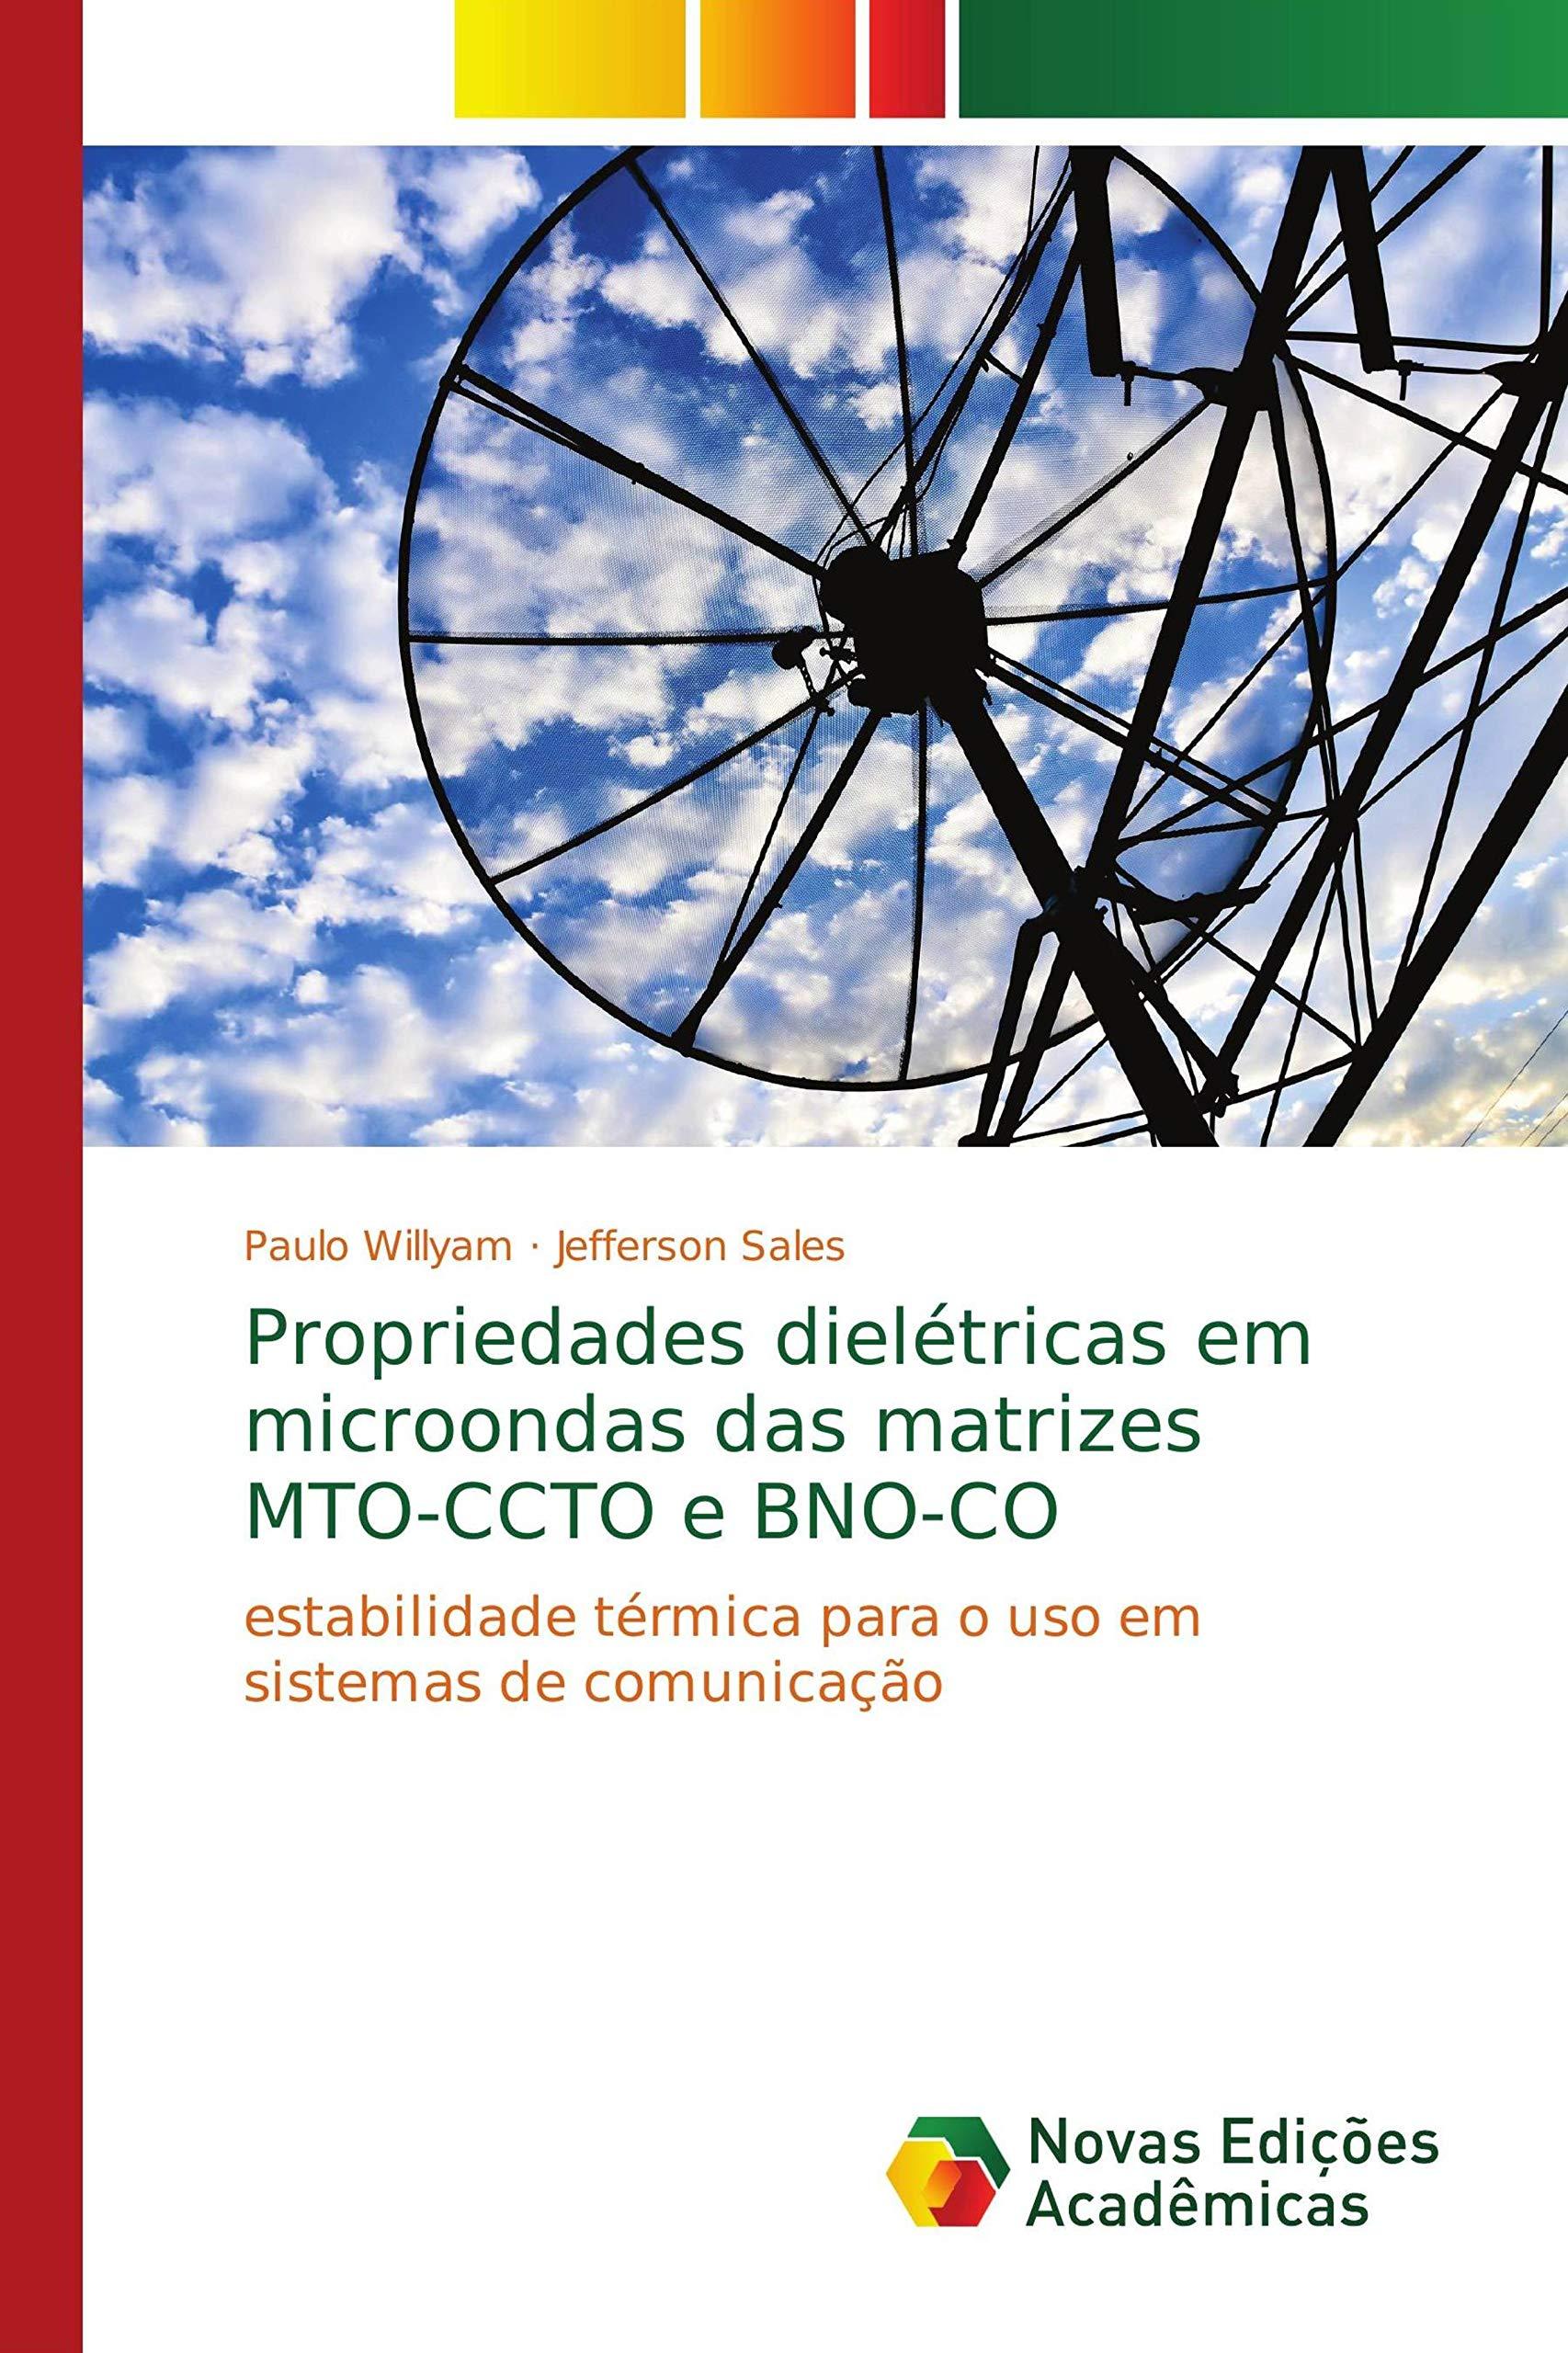 Propriedades dielétricas em microondas das matrizes MTO-CCTO e BNO ...